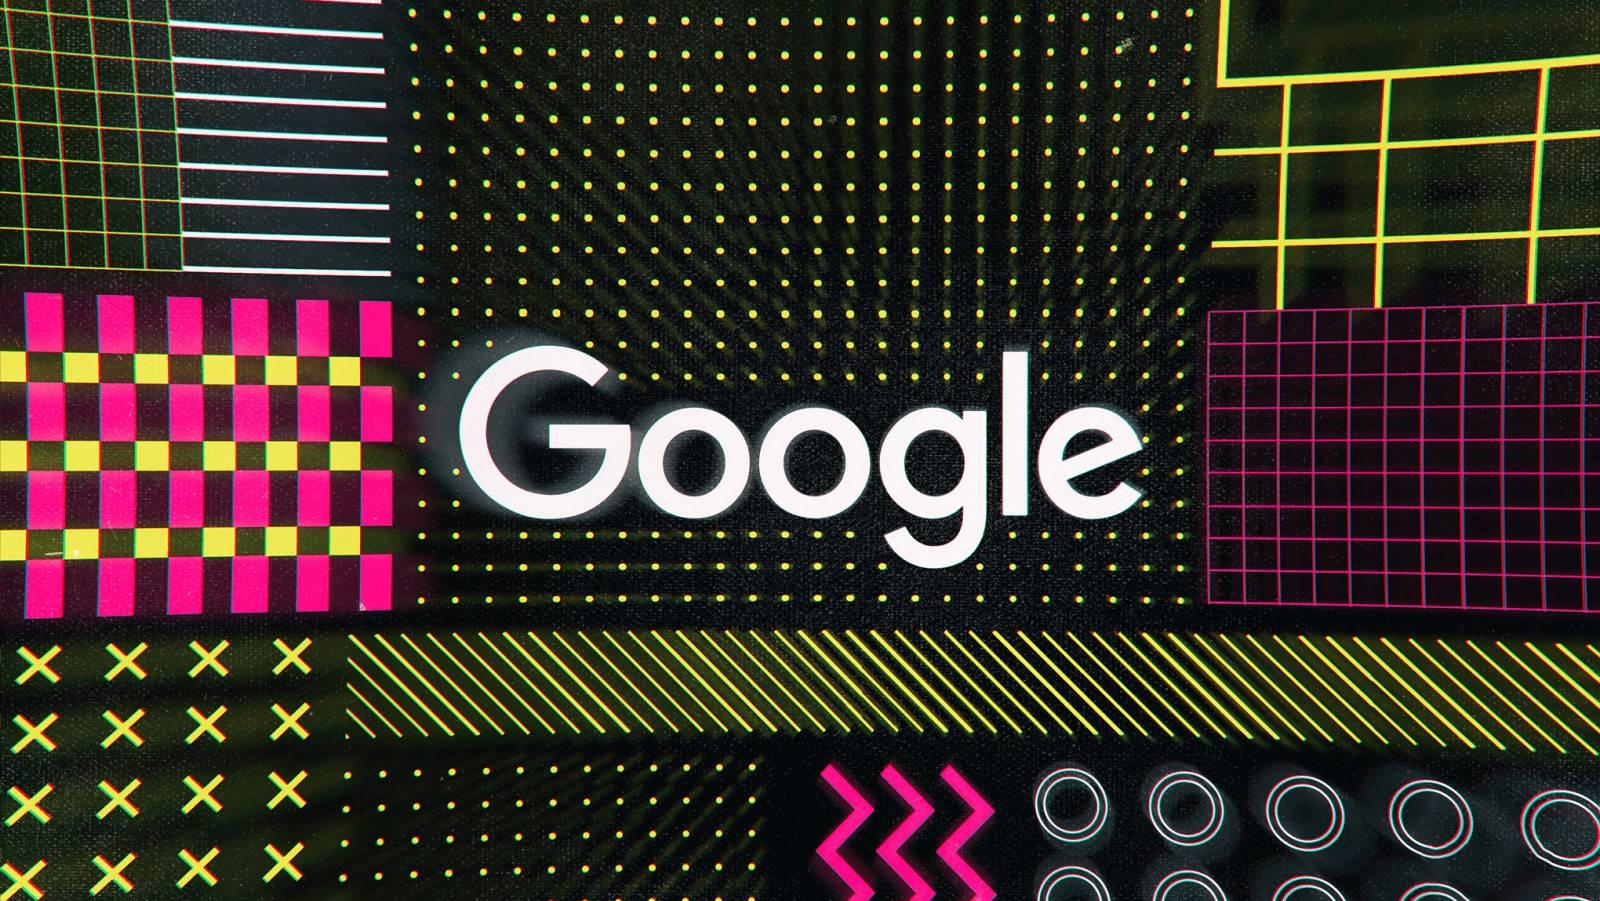 Google CUMPARA Fetele Oamenilor cu 5 Dolari, CE Face cu ele